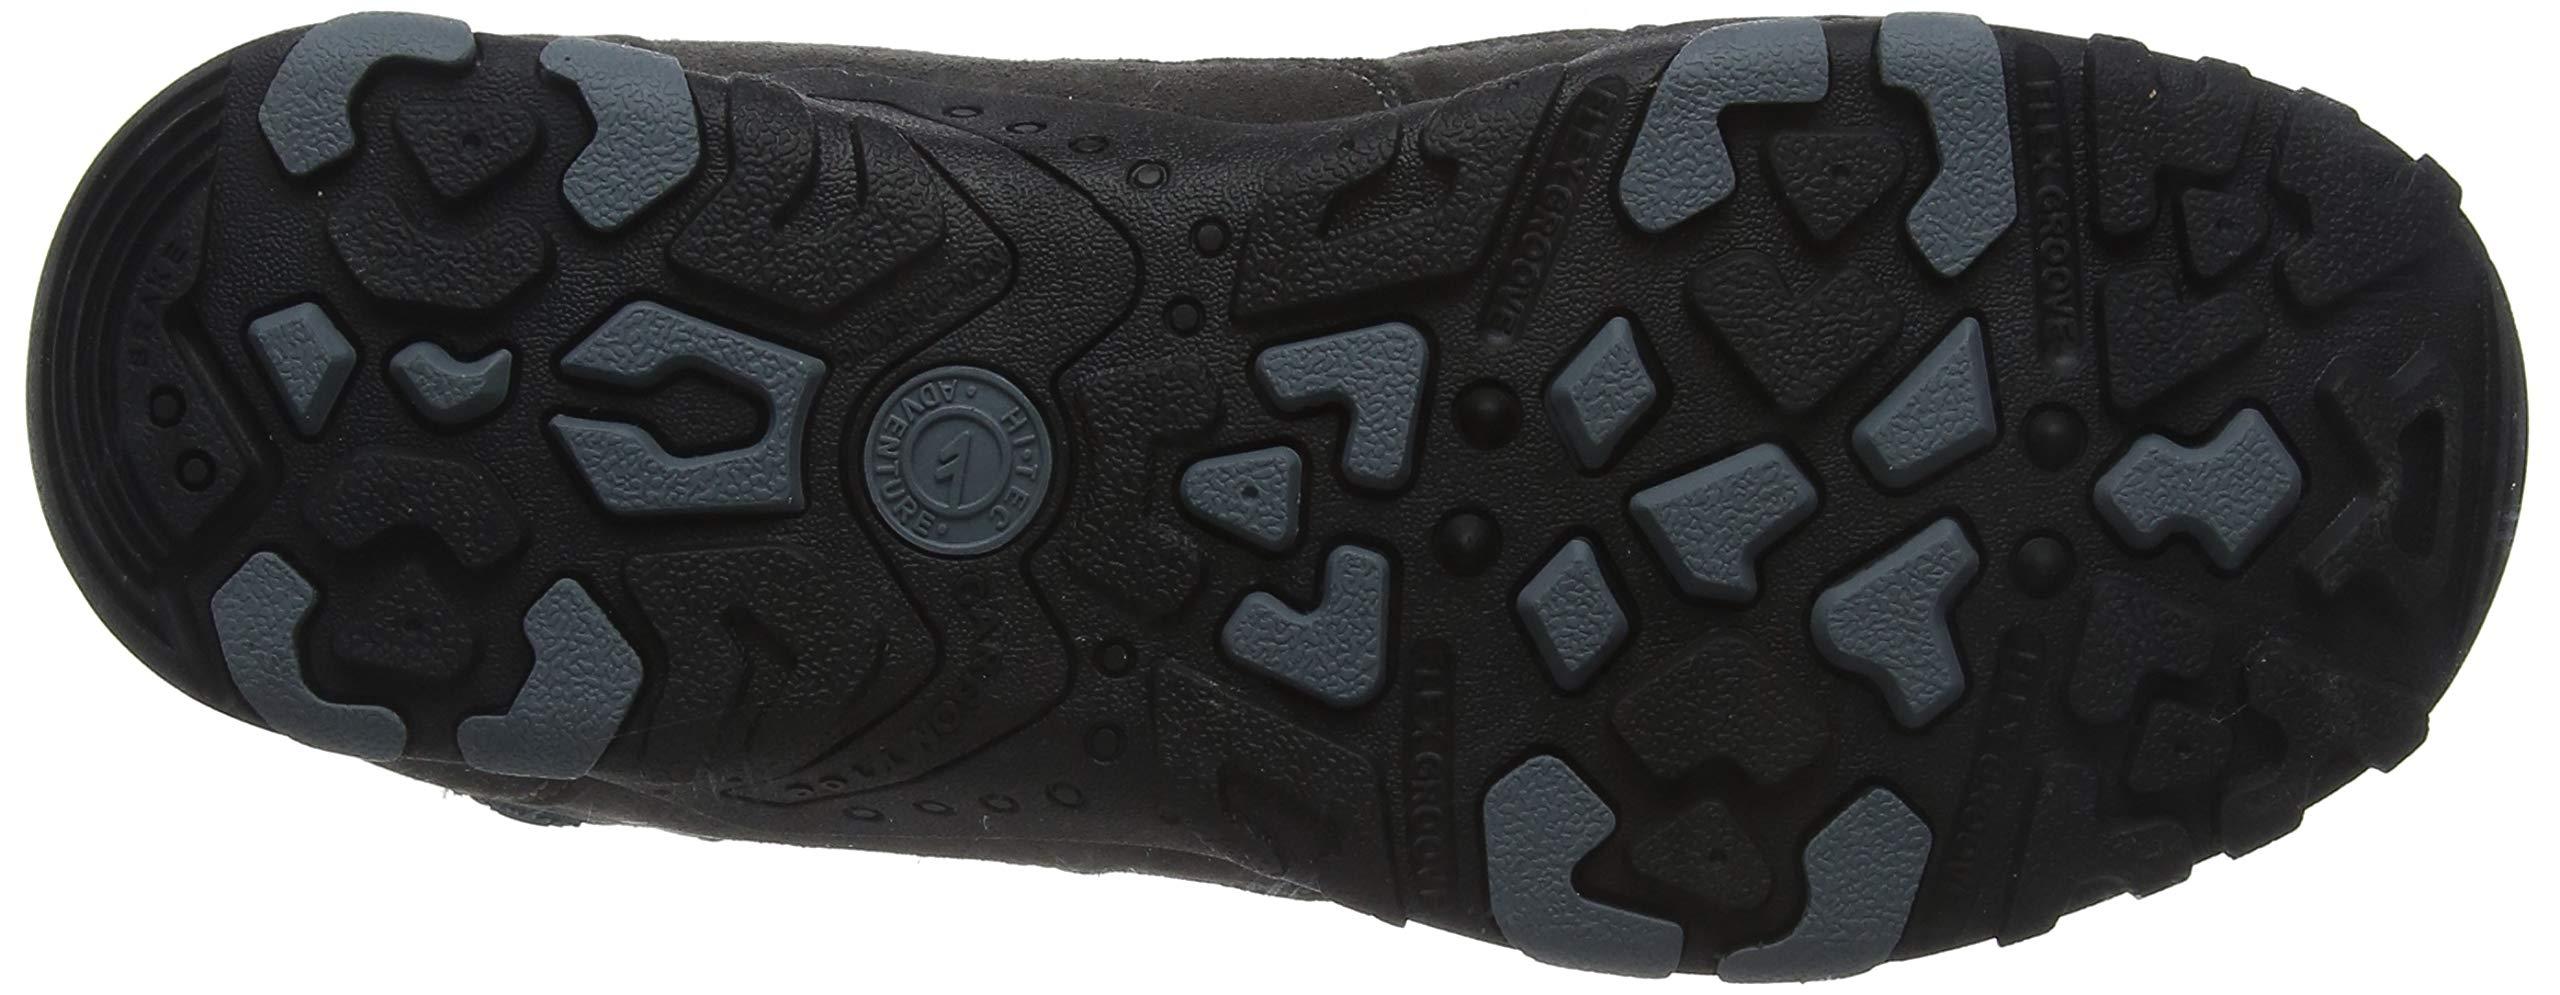 Hi-Tec Men's Quadra Mid Wp Multisport Boots 3